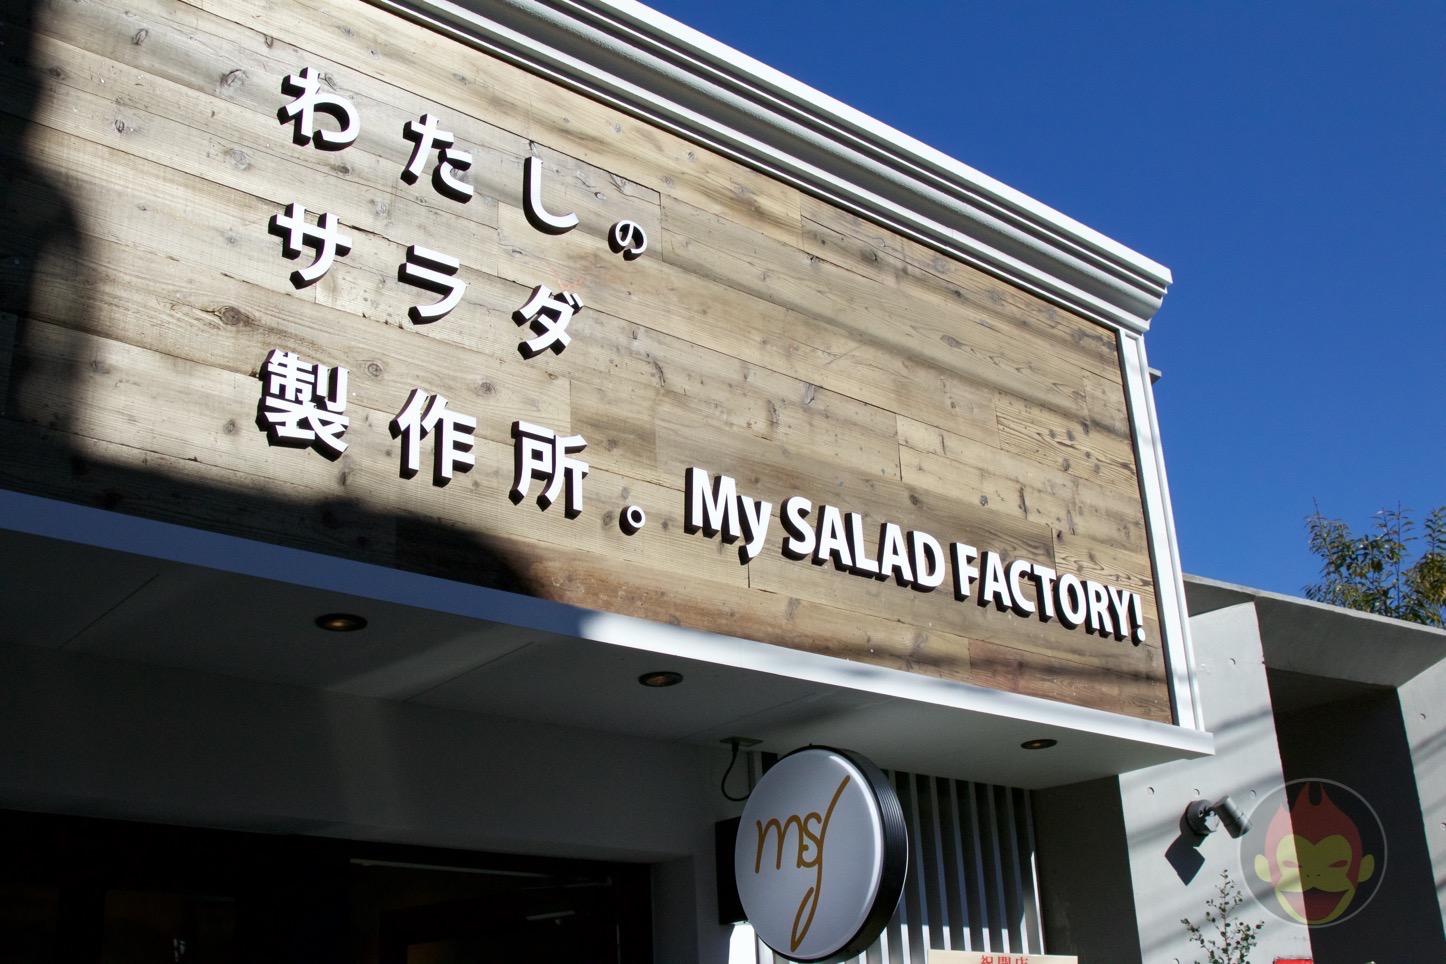 わたしのサラダ製作所。My SALAD FACTORY!